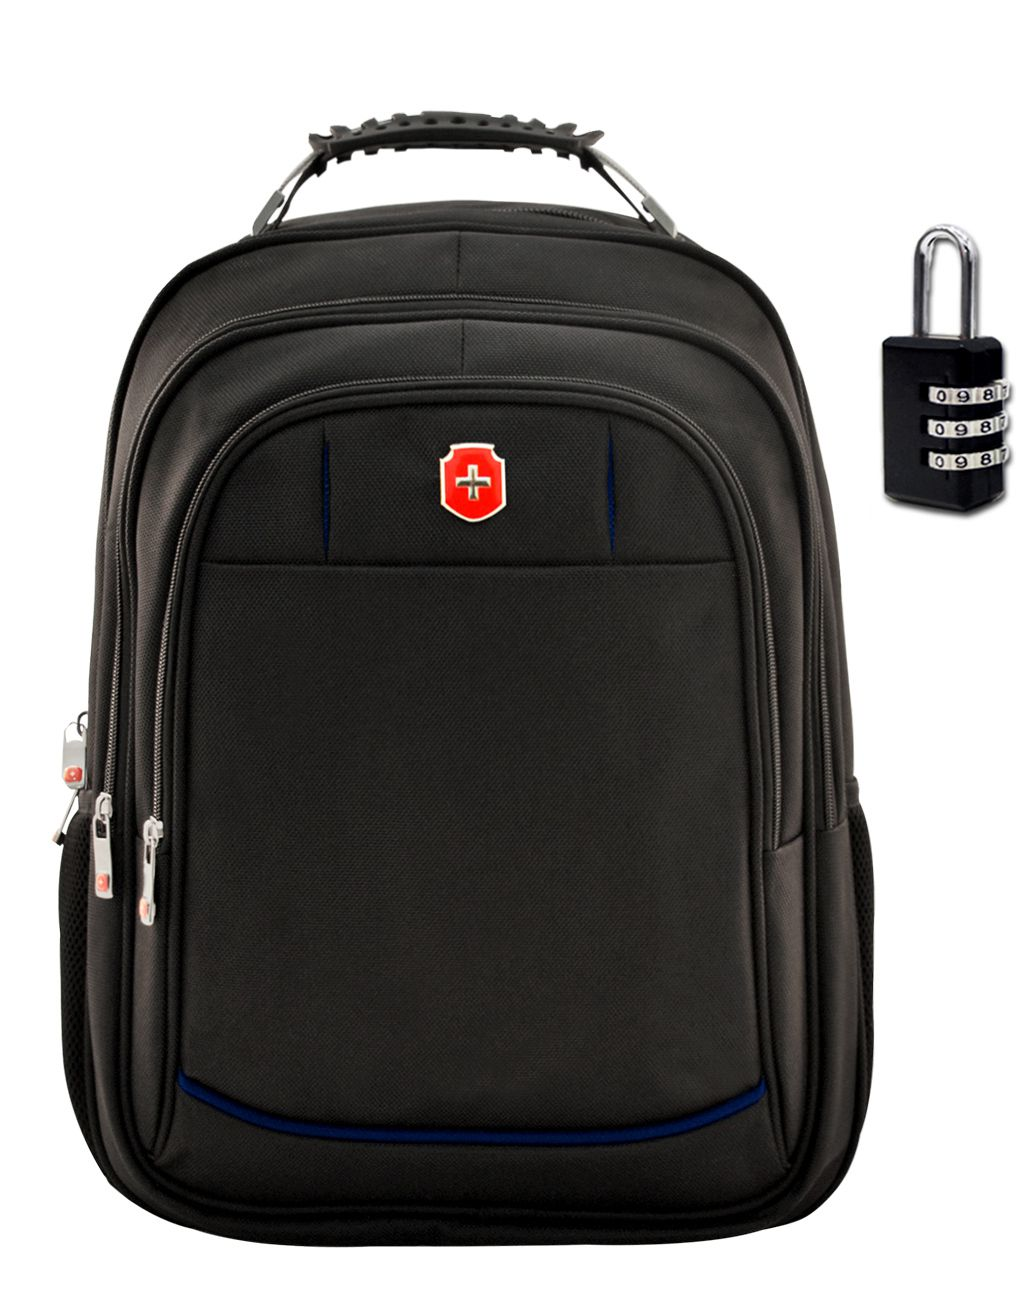 Mochila Notebook Swissland SL04001 C/ Cadeado Preta Com Azul